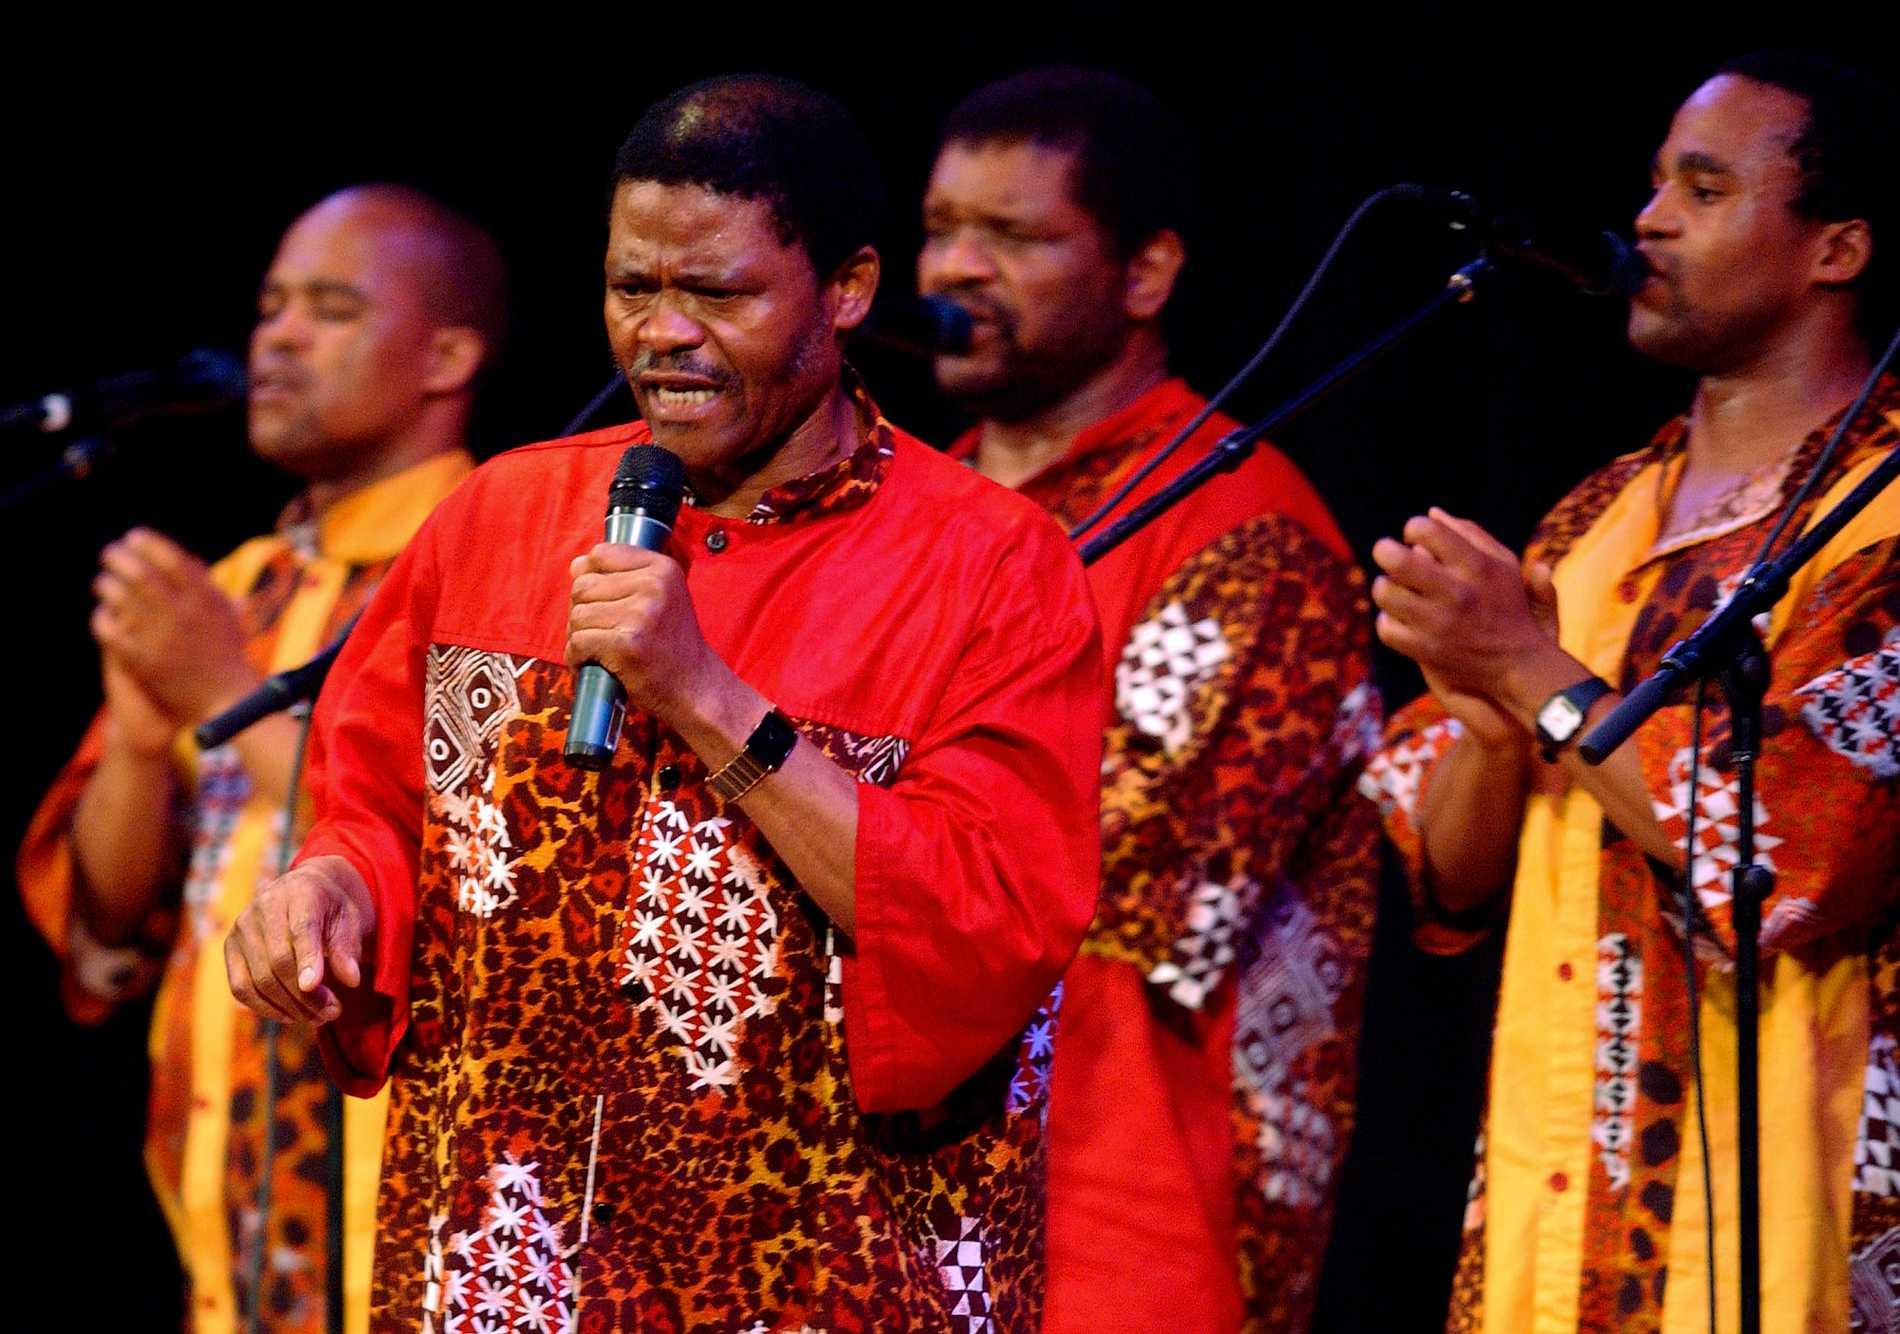 Ladysmith Black Mambazo, med Joseph Shabalala i rött i mitten, under ett uppträdande 2005. Arkivbild.